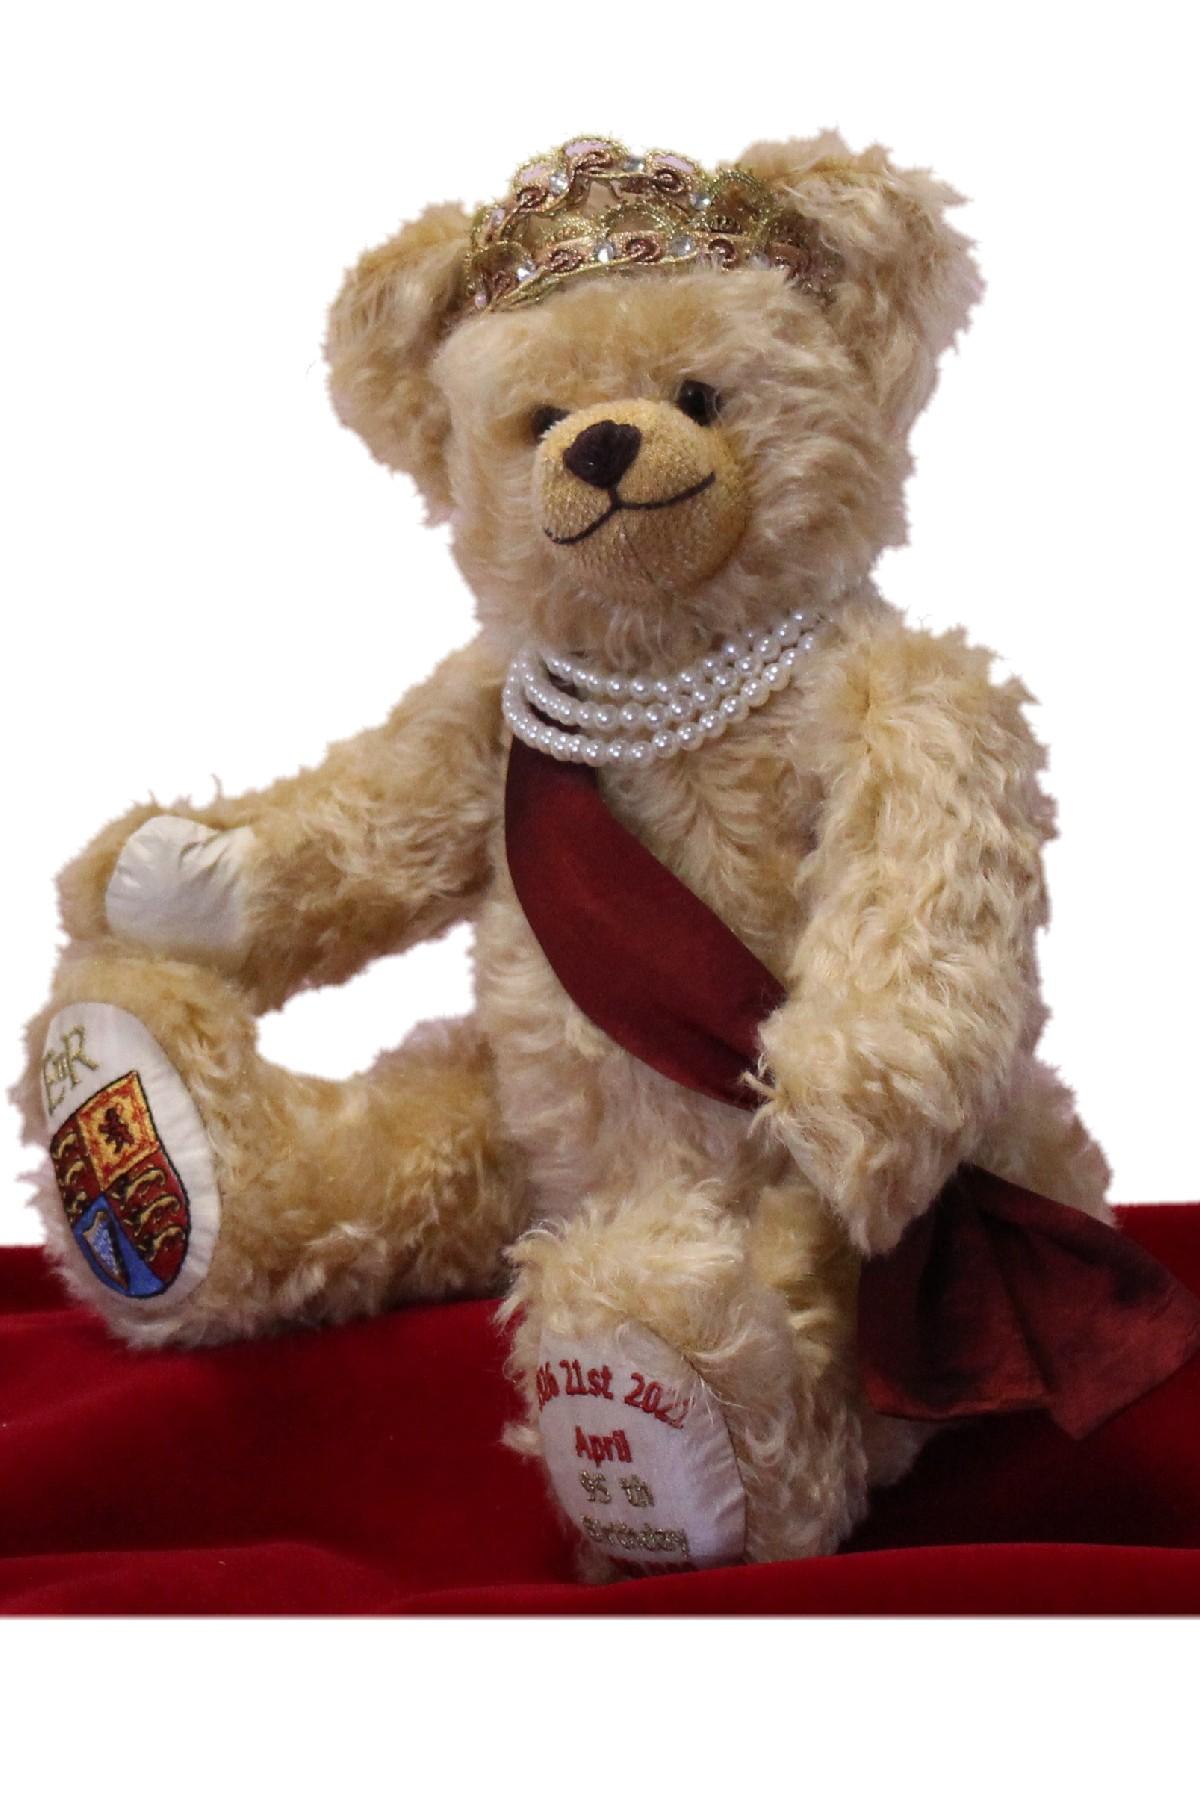 ROYALTY <br>QUEEN ELIZABETH II 95TH BIRTHDAY